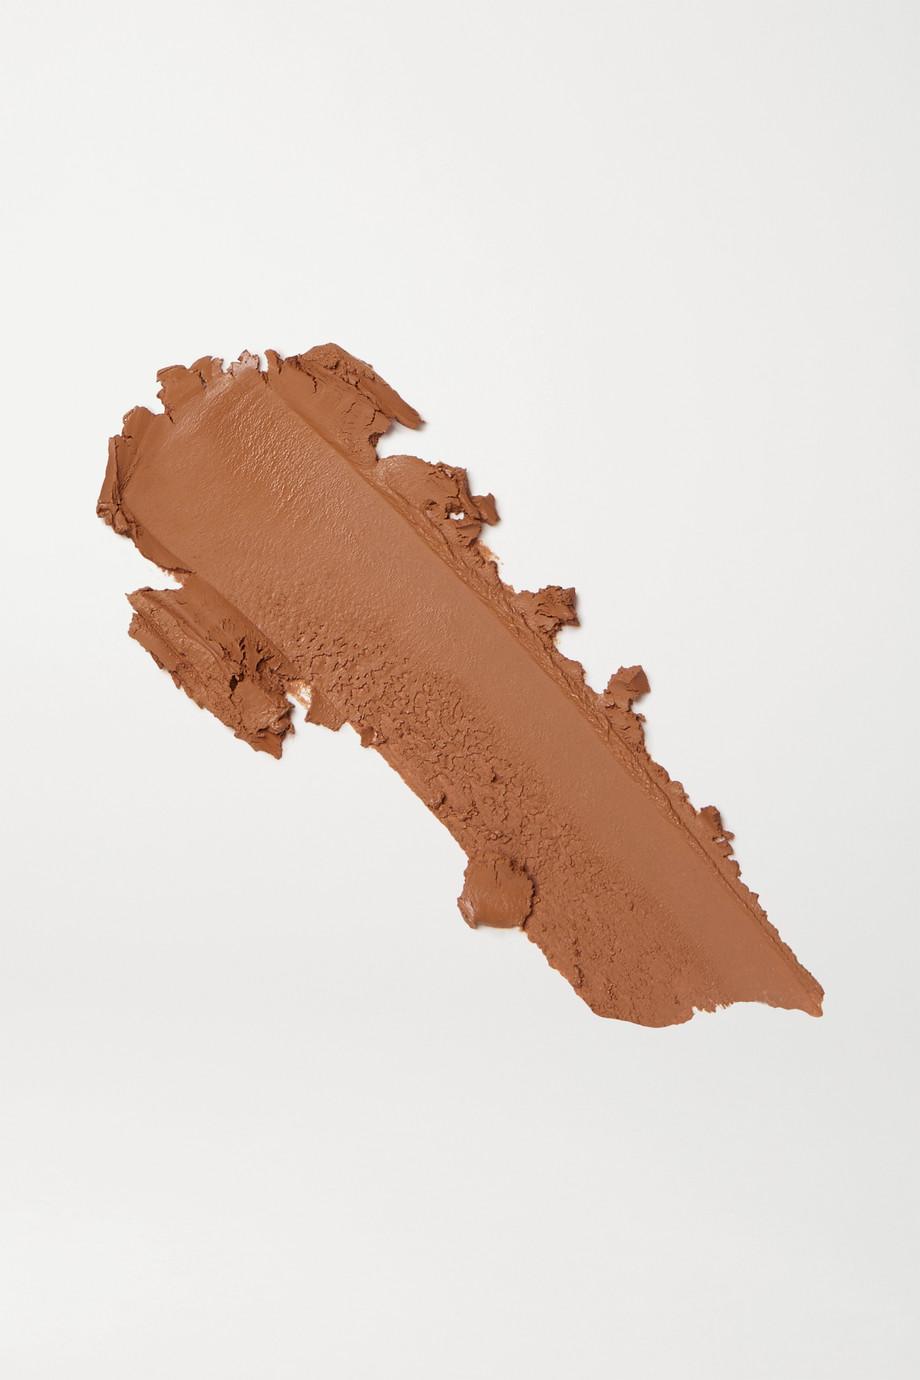 Kjaer Weis Recharge de crème de teint - Delicate